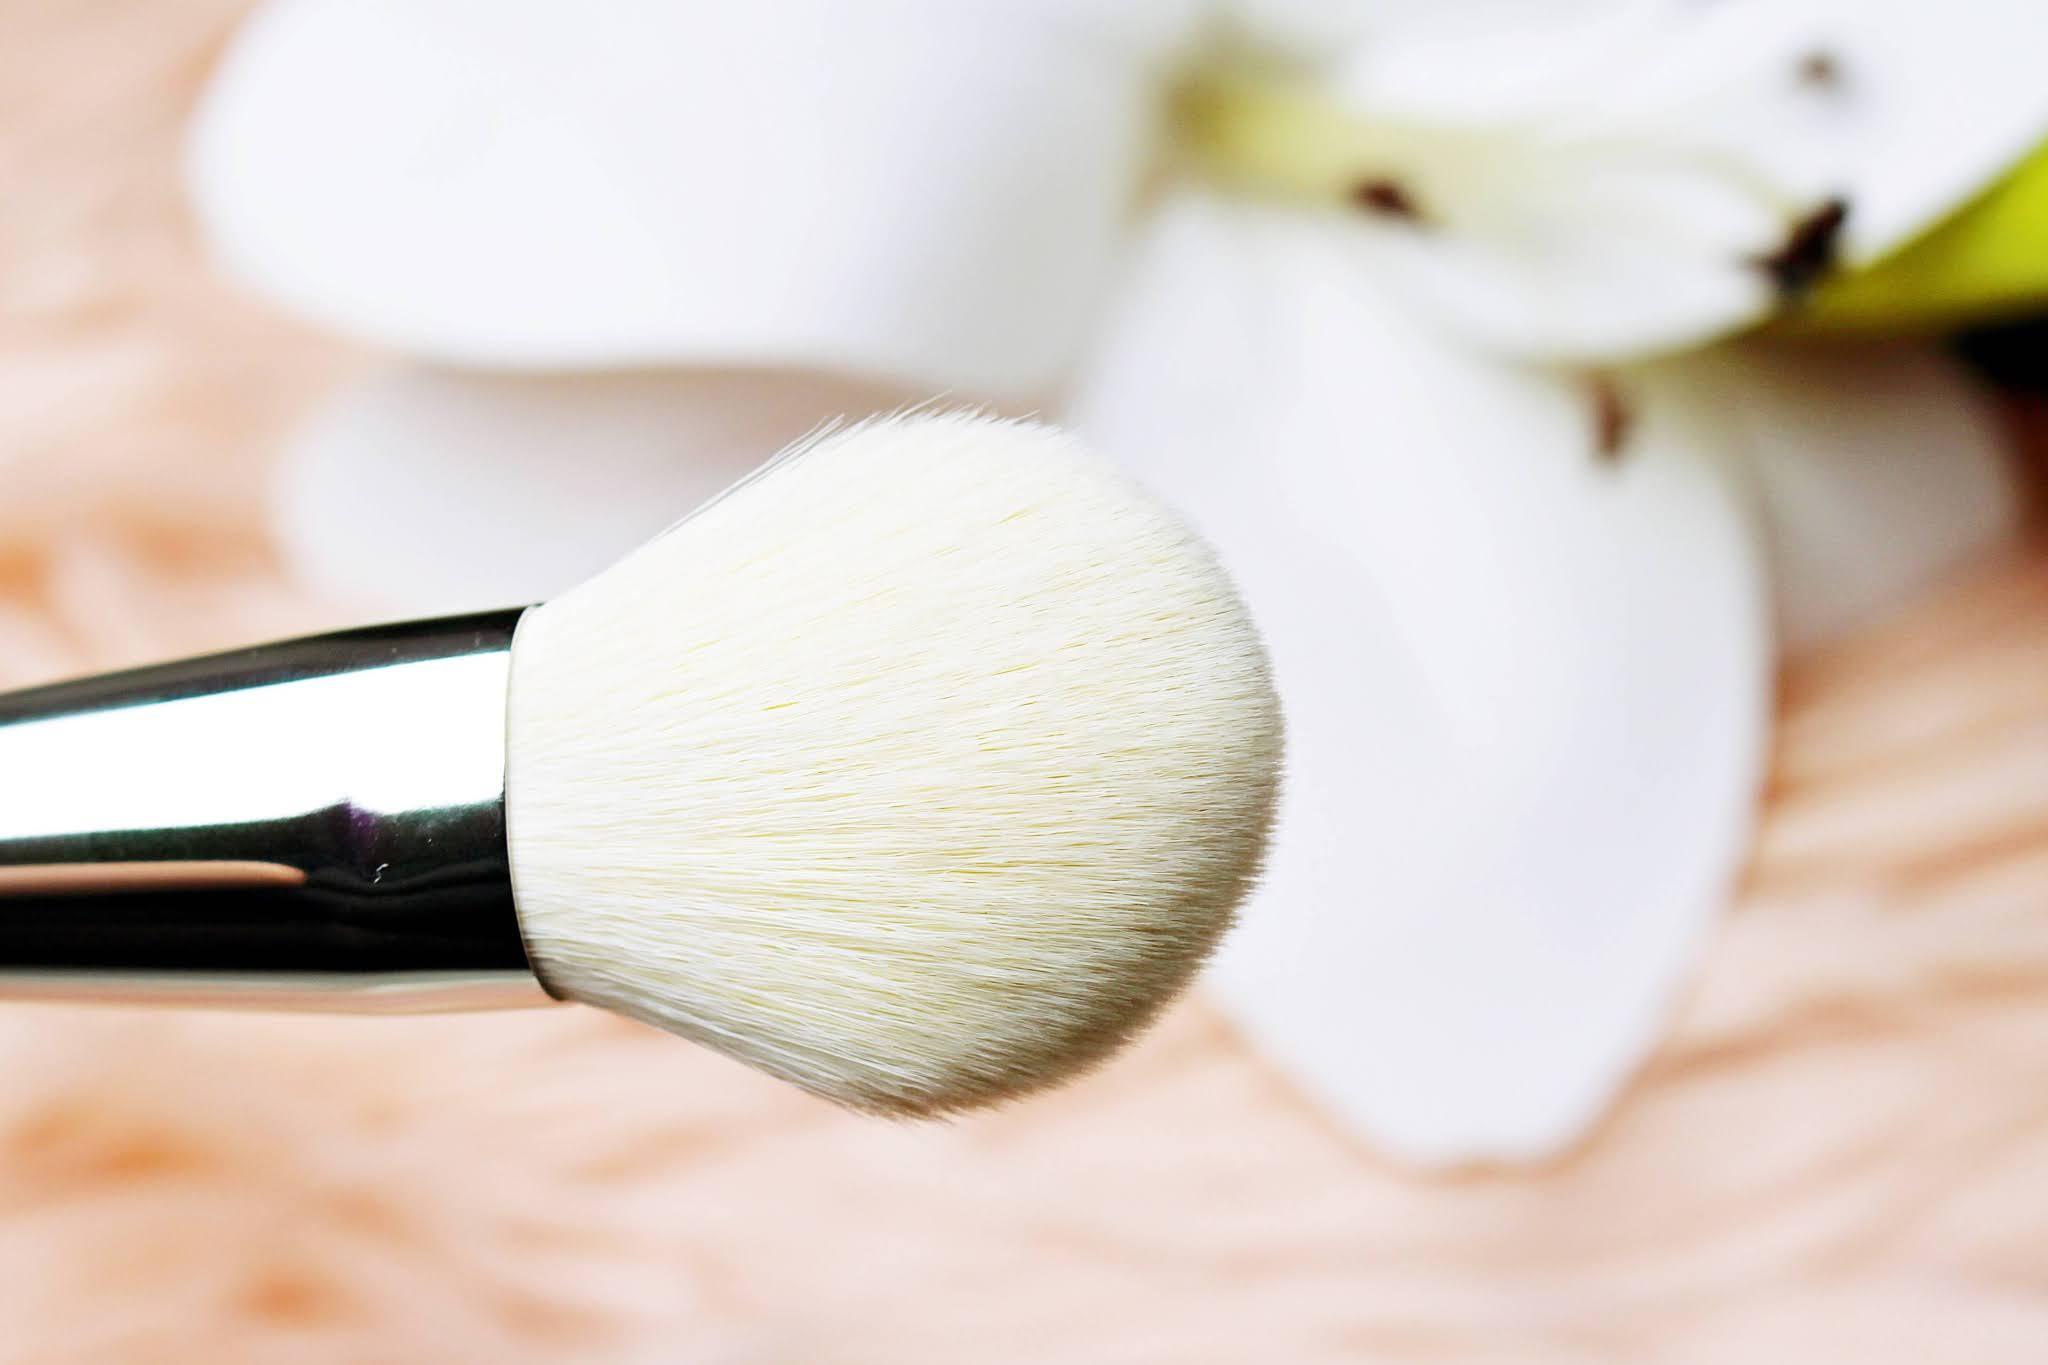 Pędzle do makijażu Semilac - średni pędzel 472 Semilac